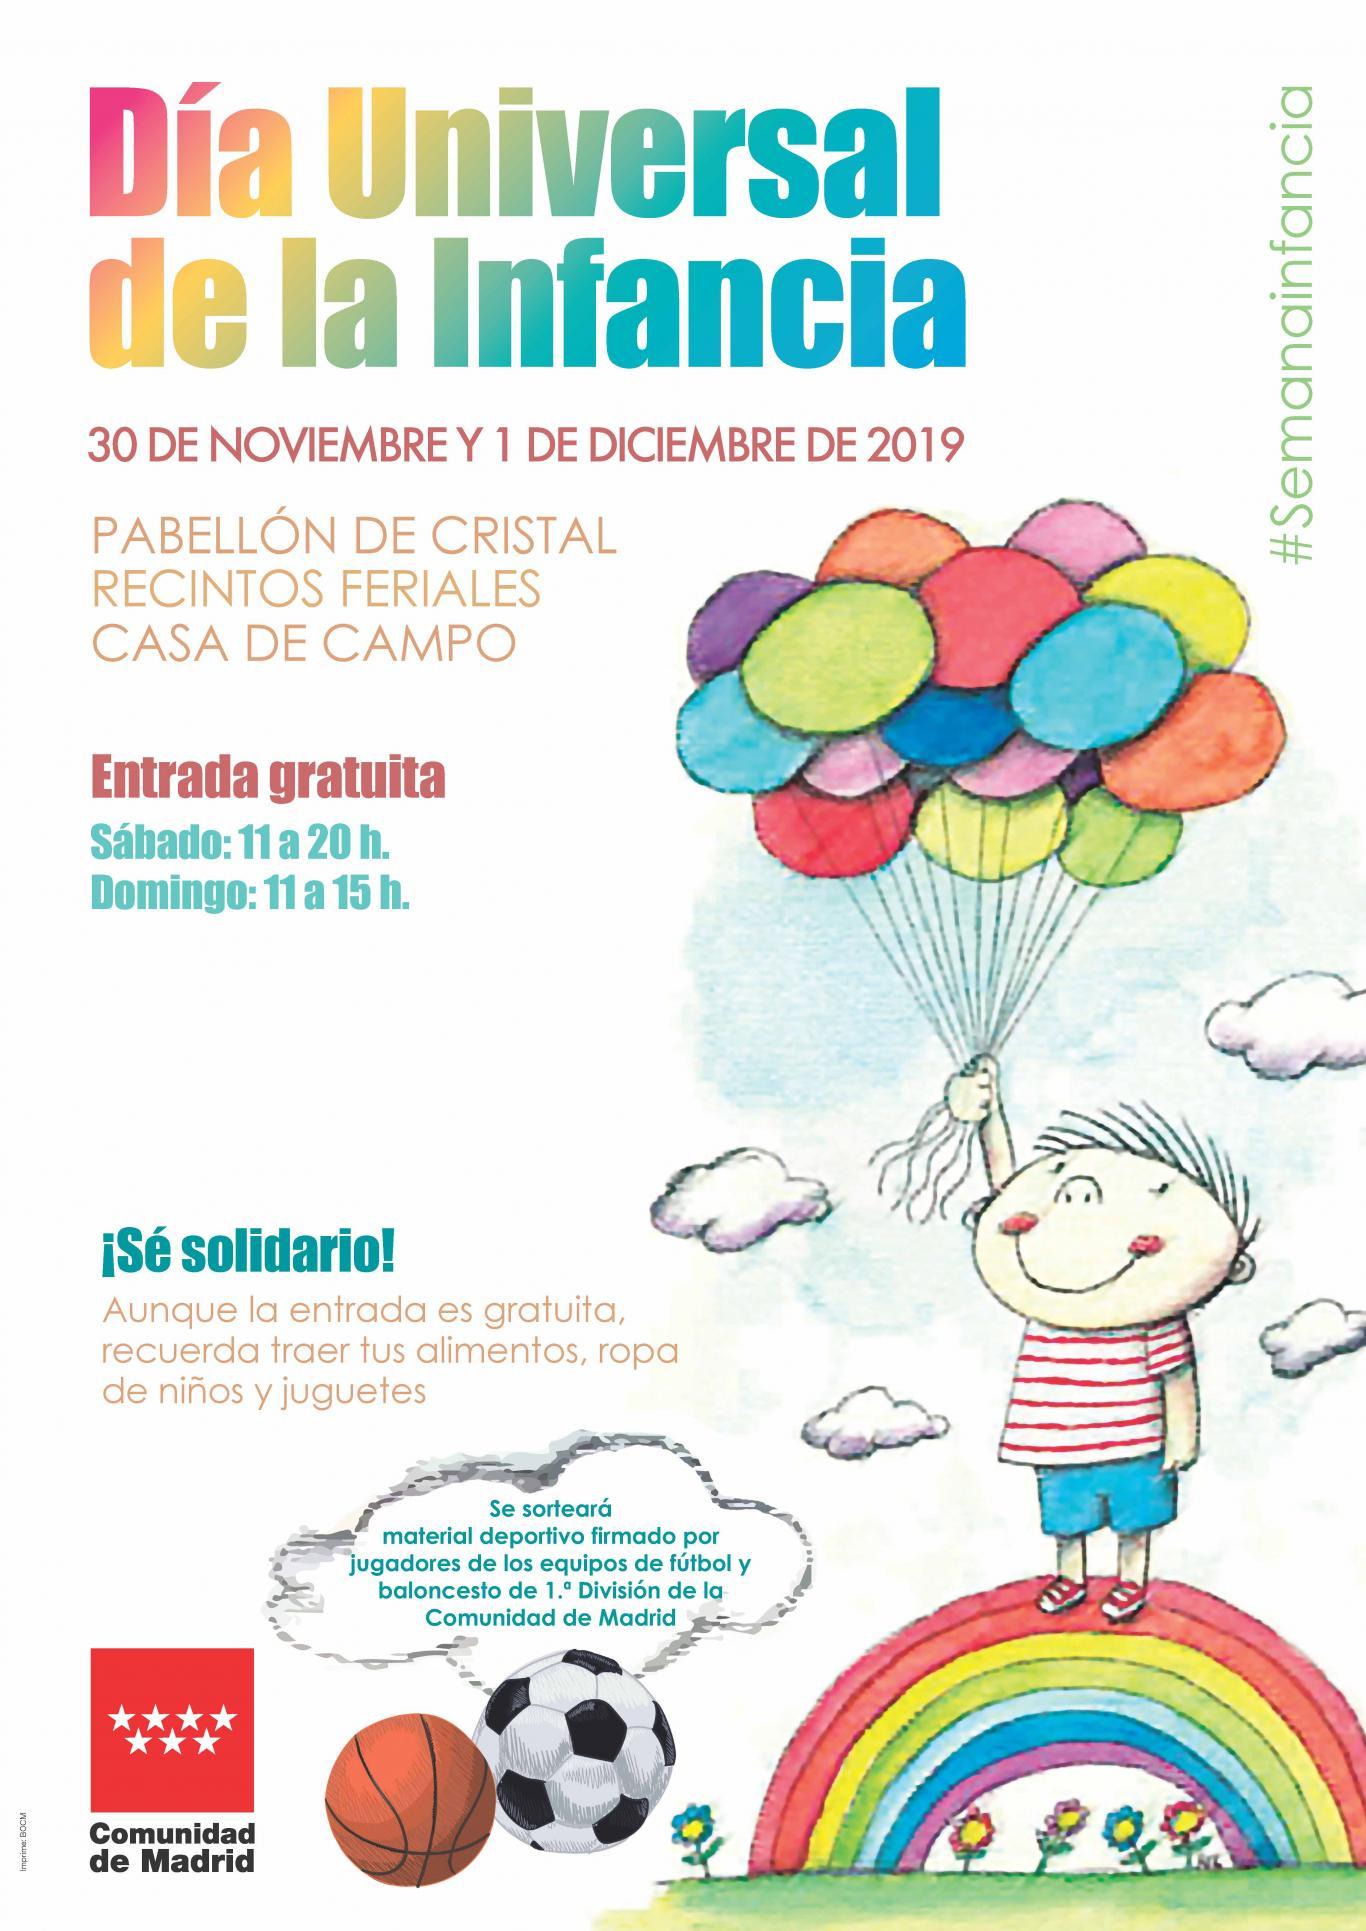 La Comunidad de Madrid celebrará el Día Universal de la Infancia y el XXX Aniversario de la Convención de los Derechos del Niño de Naciones Unidas